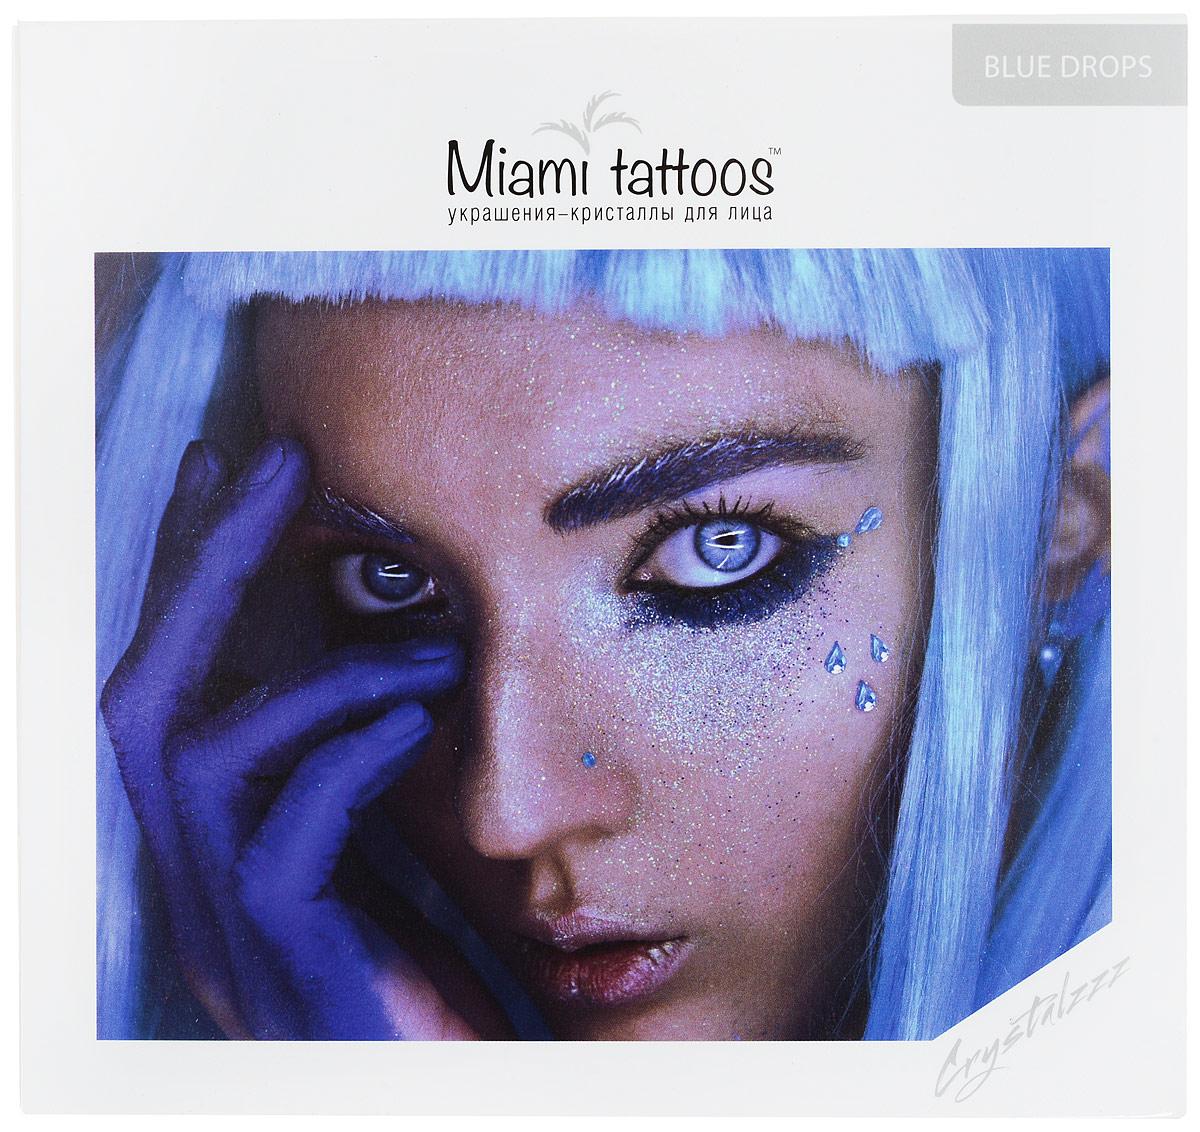 Miami Tattoos Клеящиеся кристаллы для лица Crystalzzz Drops in Blue, 1 лист 15см*16смMT0055Miami Tattoos - это дизайнерские переводные тату-украшения. Коллекция кристаллов Crystalzzz — это модный аксессуар для вашей кожи, который наносится за считанные секунды. Больше вам не нужна помощь визажиста, чтобы создать необычный макияж. Просто отклейте кристаллы от прозрачной пленки и приклейте их на чистую кожу. Crystalzzz можно наносить как на лицо, так и на тело. Они не вызывают аллергию и абсолютно безопасны для кожи.